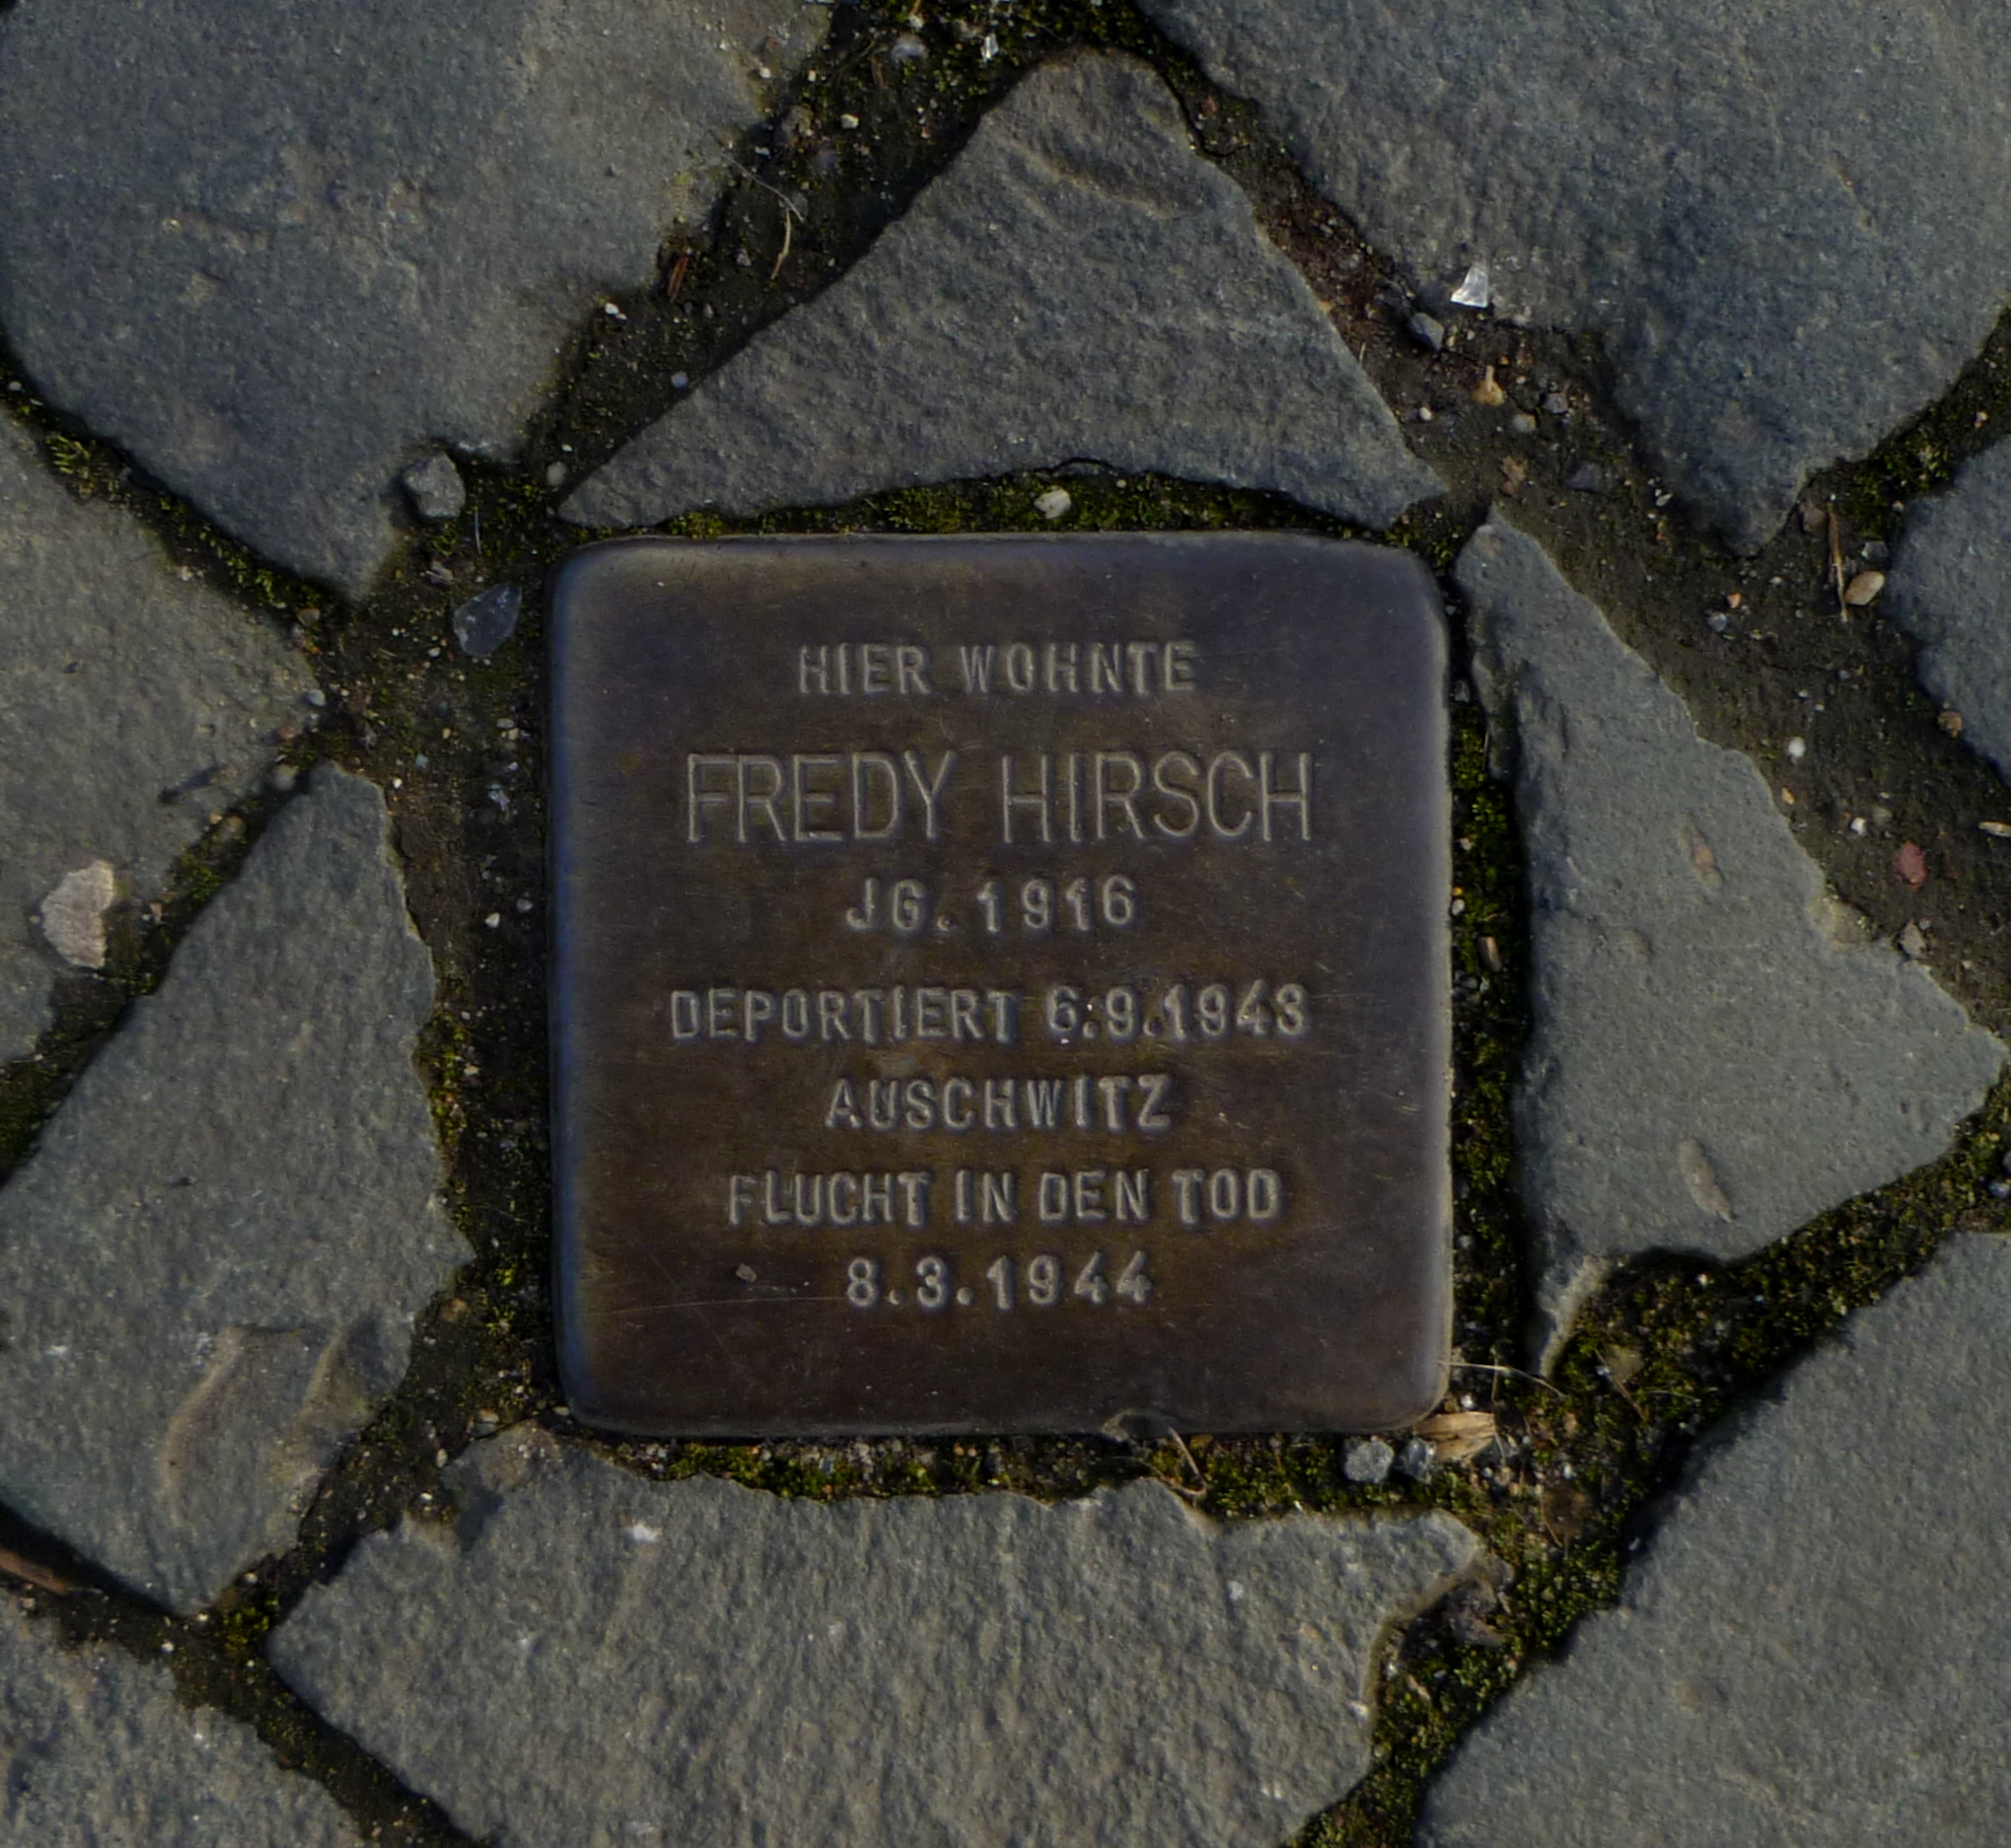 Kámen zmizelých v německých Cáchách